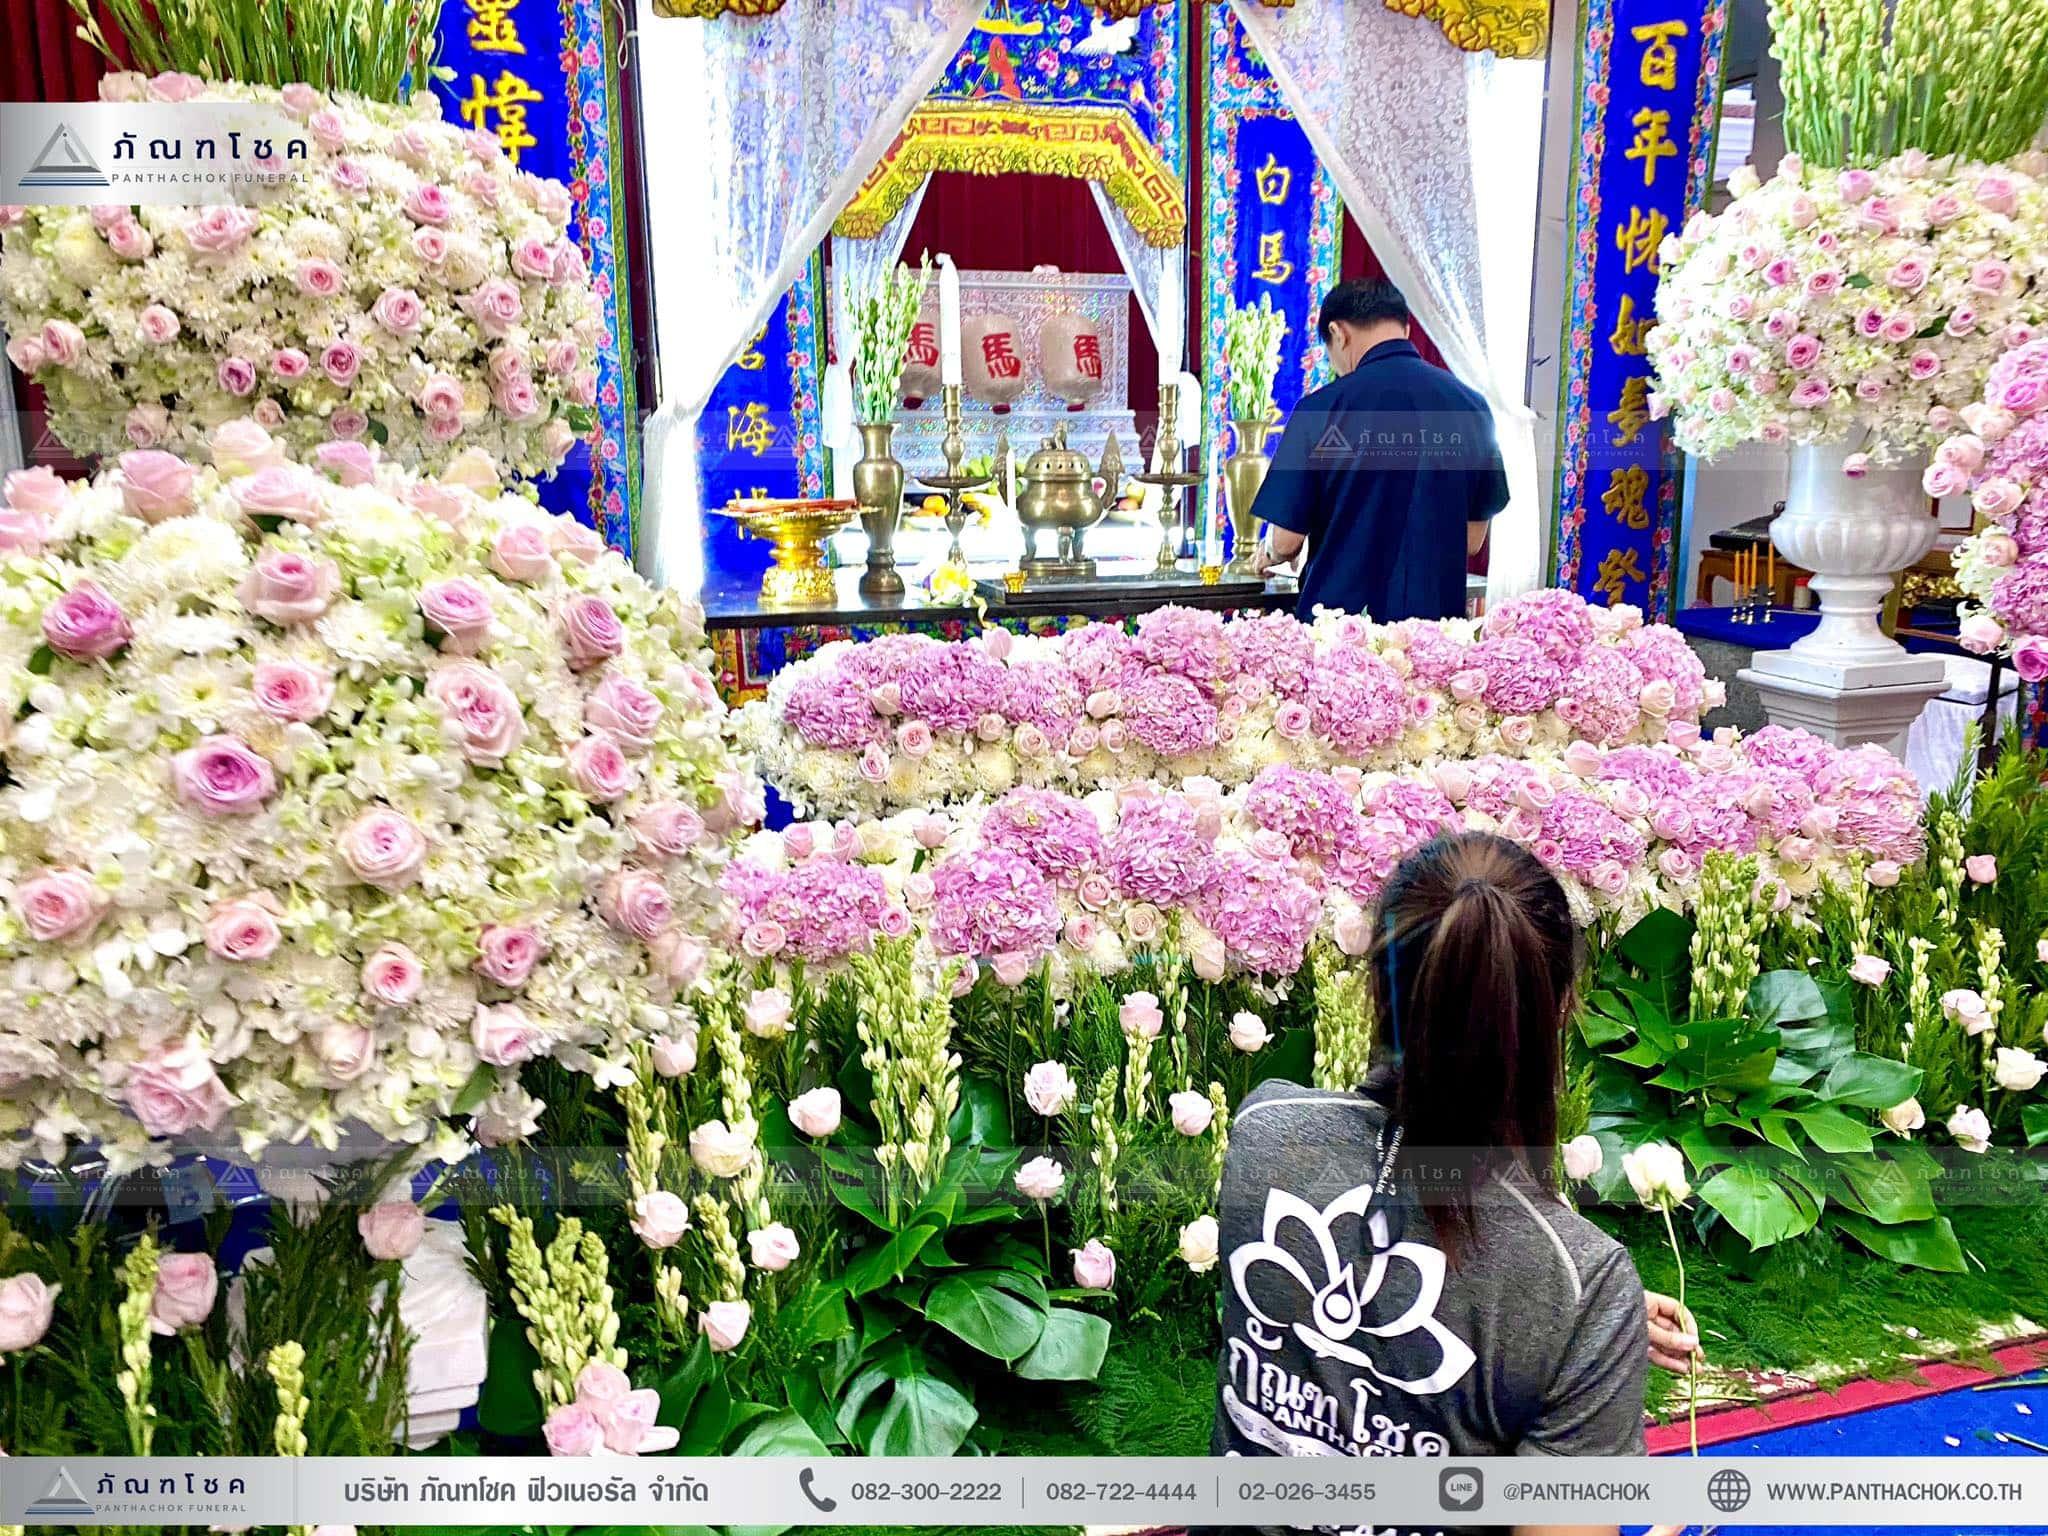 ดอกไม้งานศพโทนสีชมพูขาว จัดดอกไม้ราชบุรี